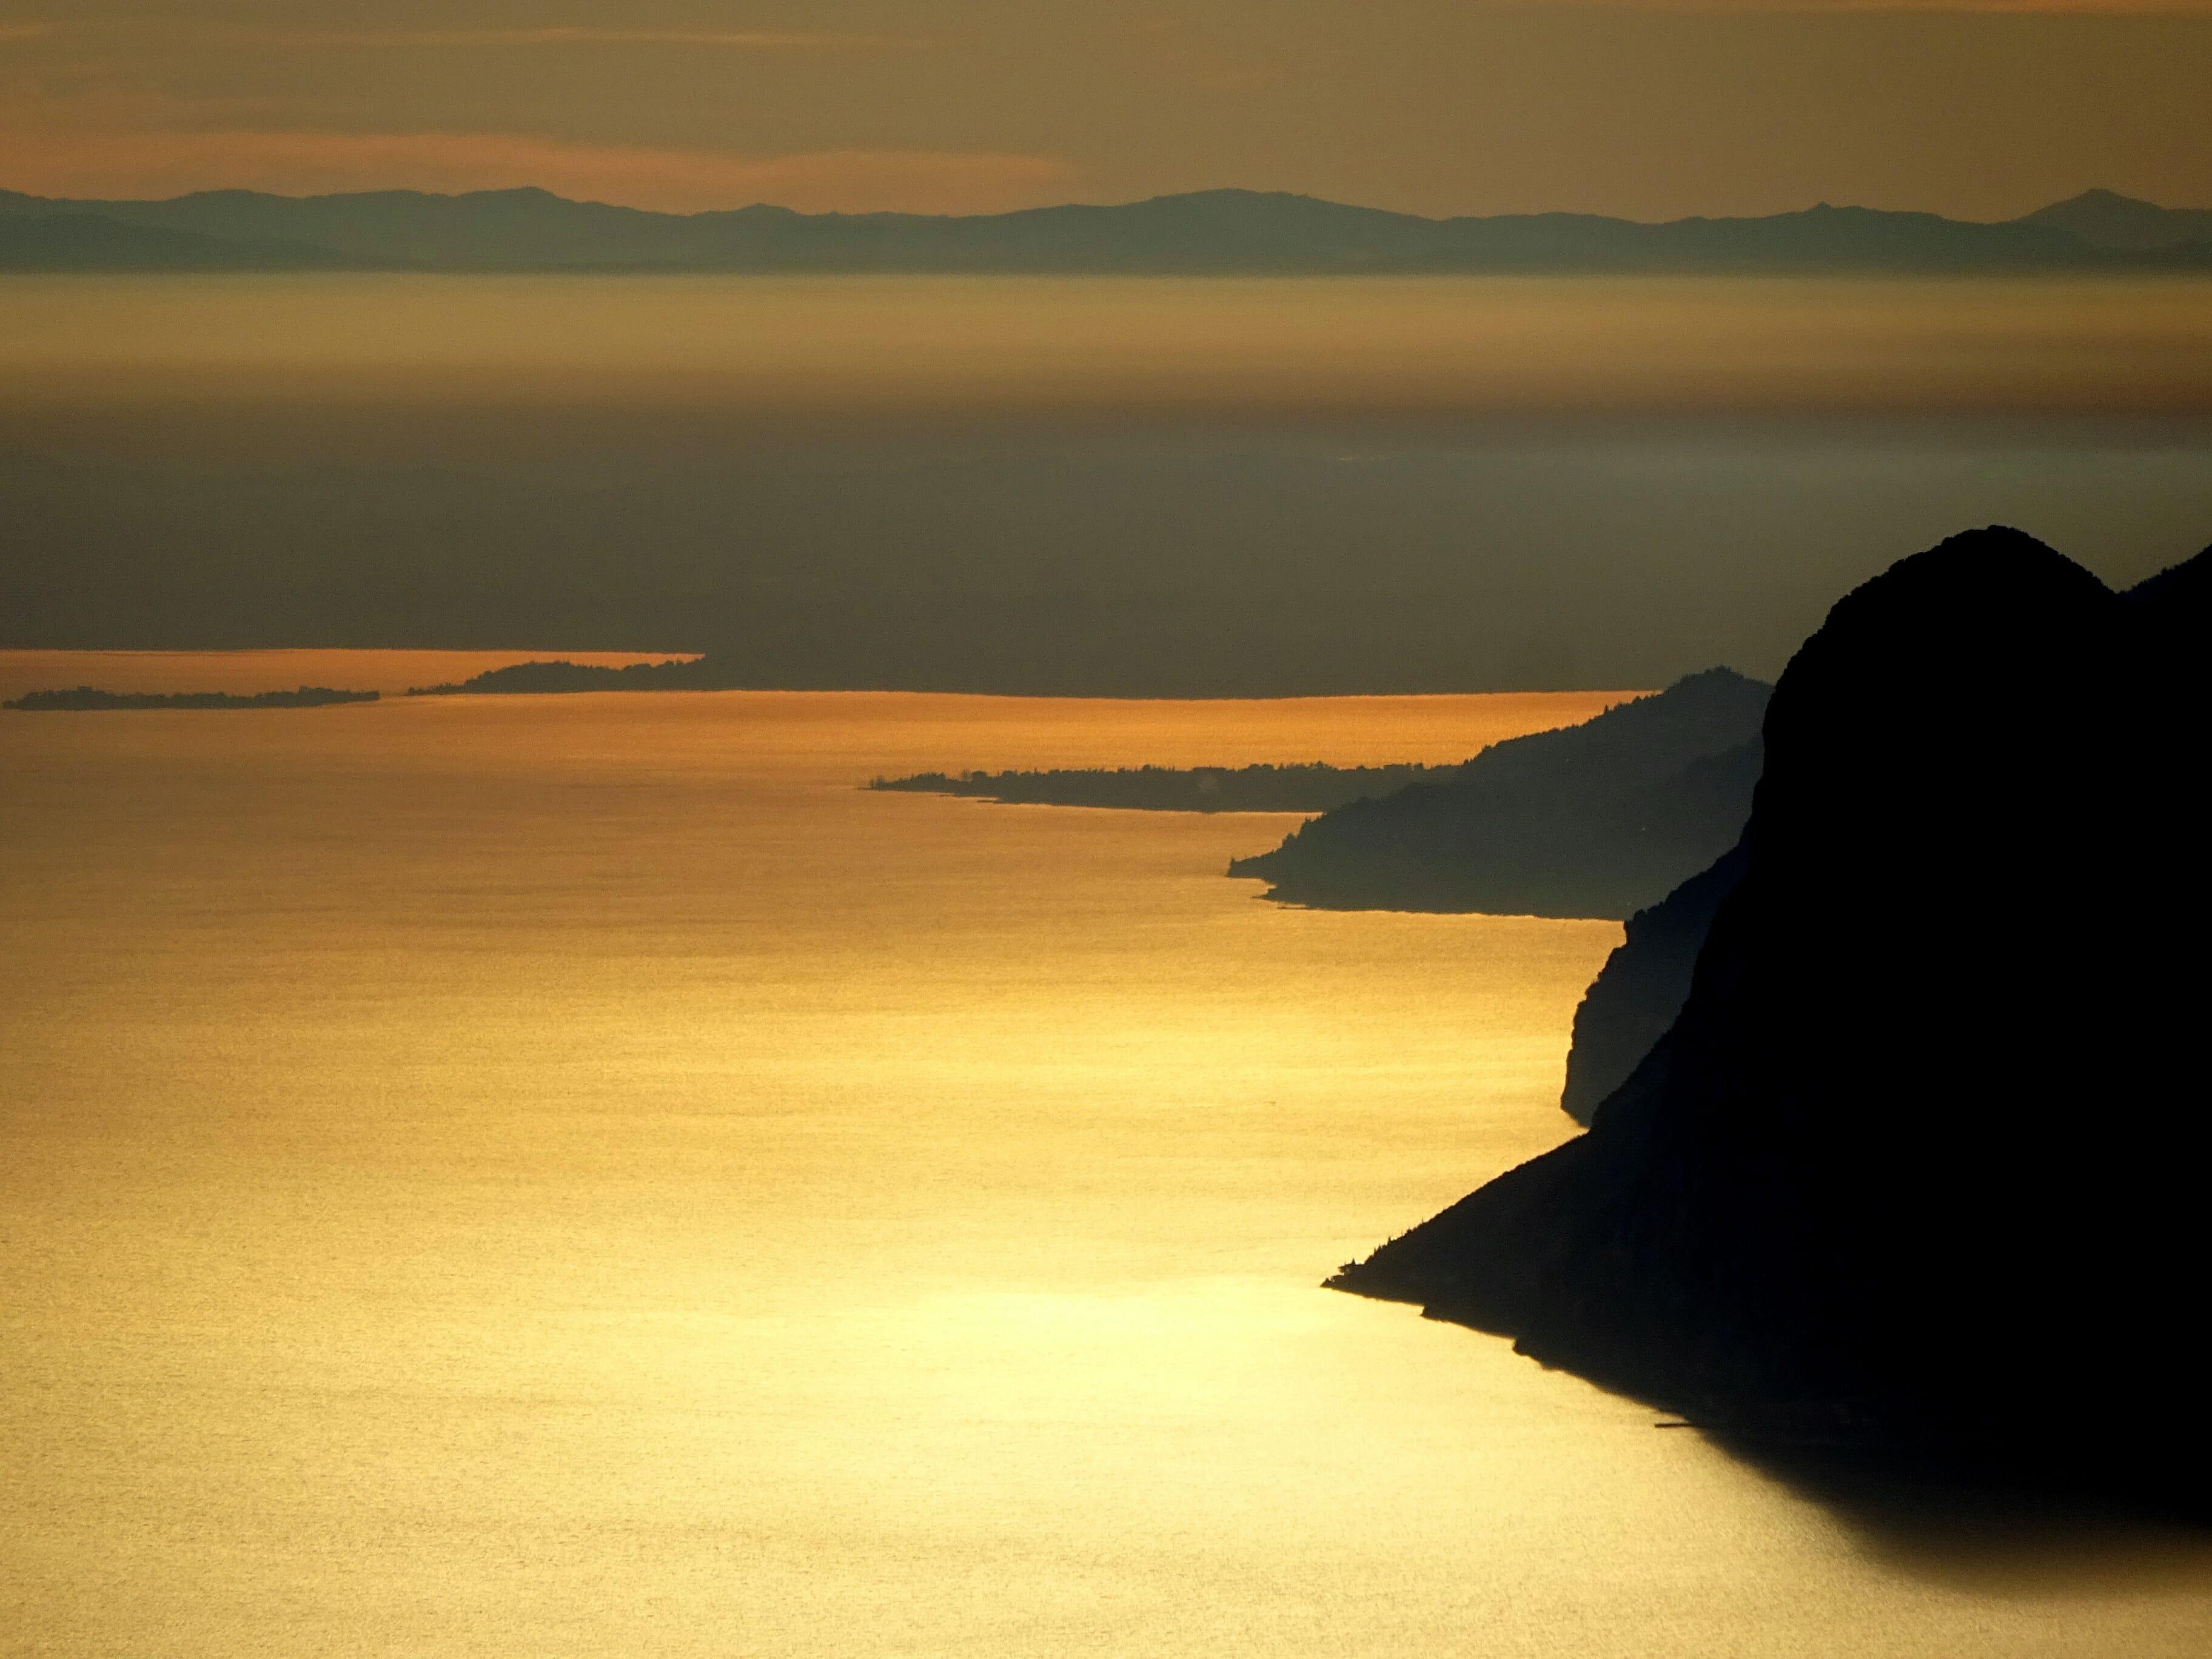 La sponda bresciana del Lago di Garda dal Monte Creino